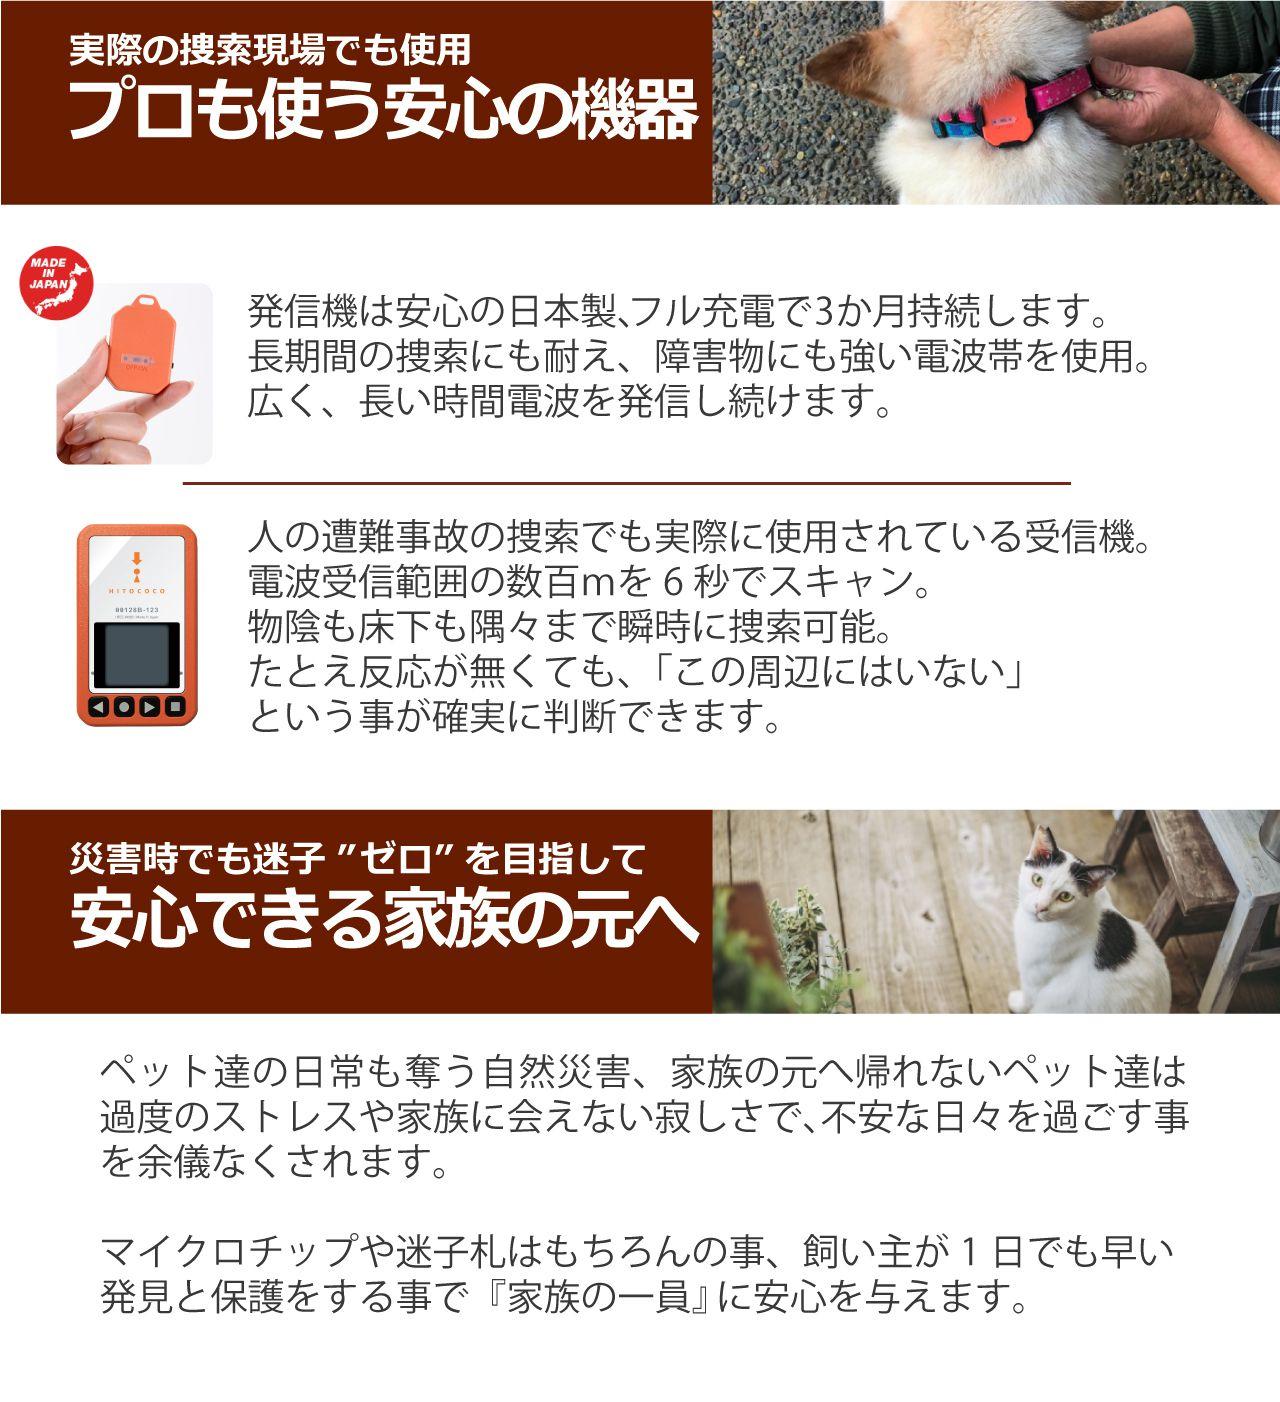 発信機は安心の日本製、フル充電で3か月持続します。長期間の捜索にも耐え、障害物にも強い電波帯を使用。広く、長い時間電波を発信し続けます。電波受信範囲の数百mを5秒でスキャン。物陰も床下も隅々まで瞬時に捜索可能。たとえ反応が無くても、「この周辺にはいない」という事が確実に判断できます。ペット達の日常も奪う自然災害、家族の元へ帰れないペット達は過度のストレスや家族に会えない寂しさで、不安な日々を過ごす事を余儀なくされます。マイクロチップや迷子札はもちろんの事、飼い主が1日でも早い発見と保護をする事で『家族の一員』に安心を与えます。